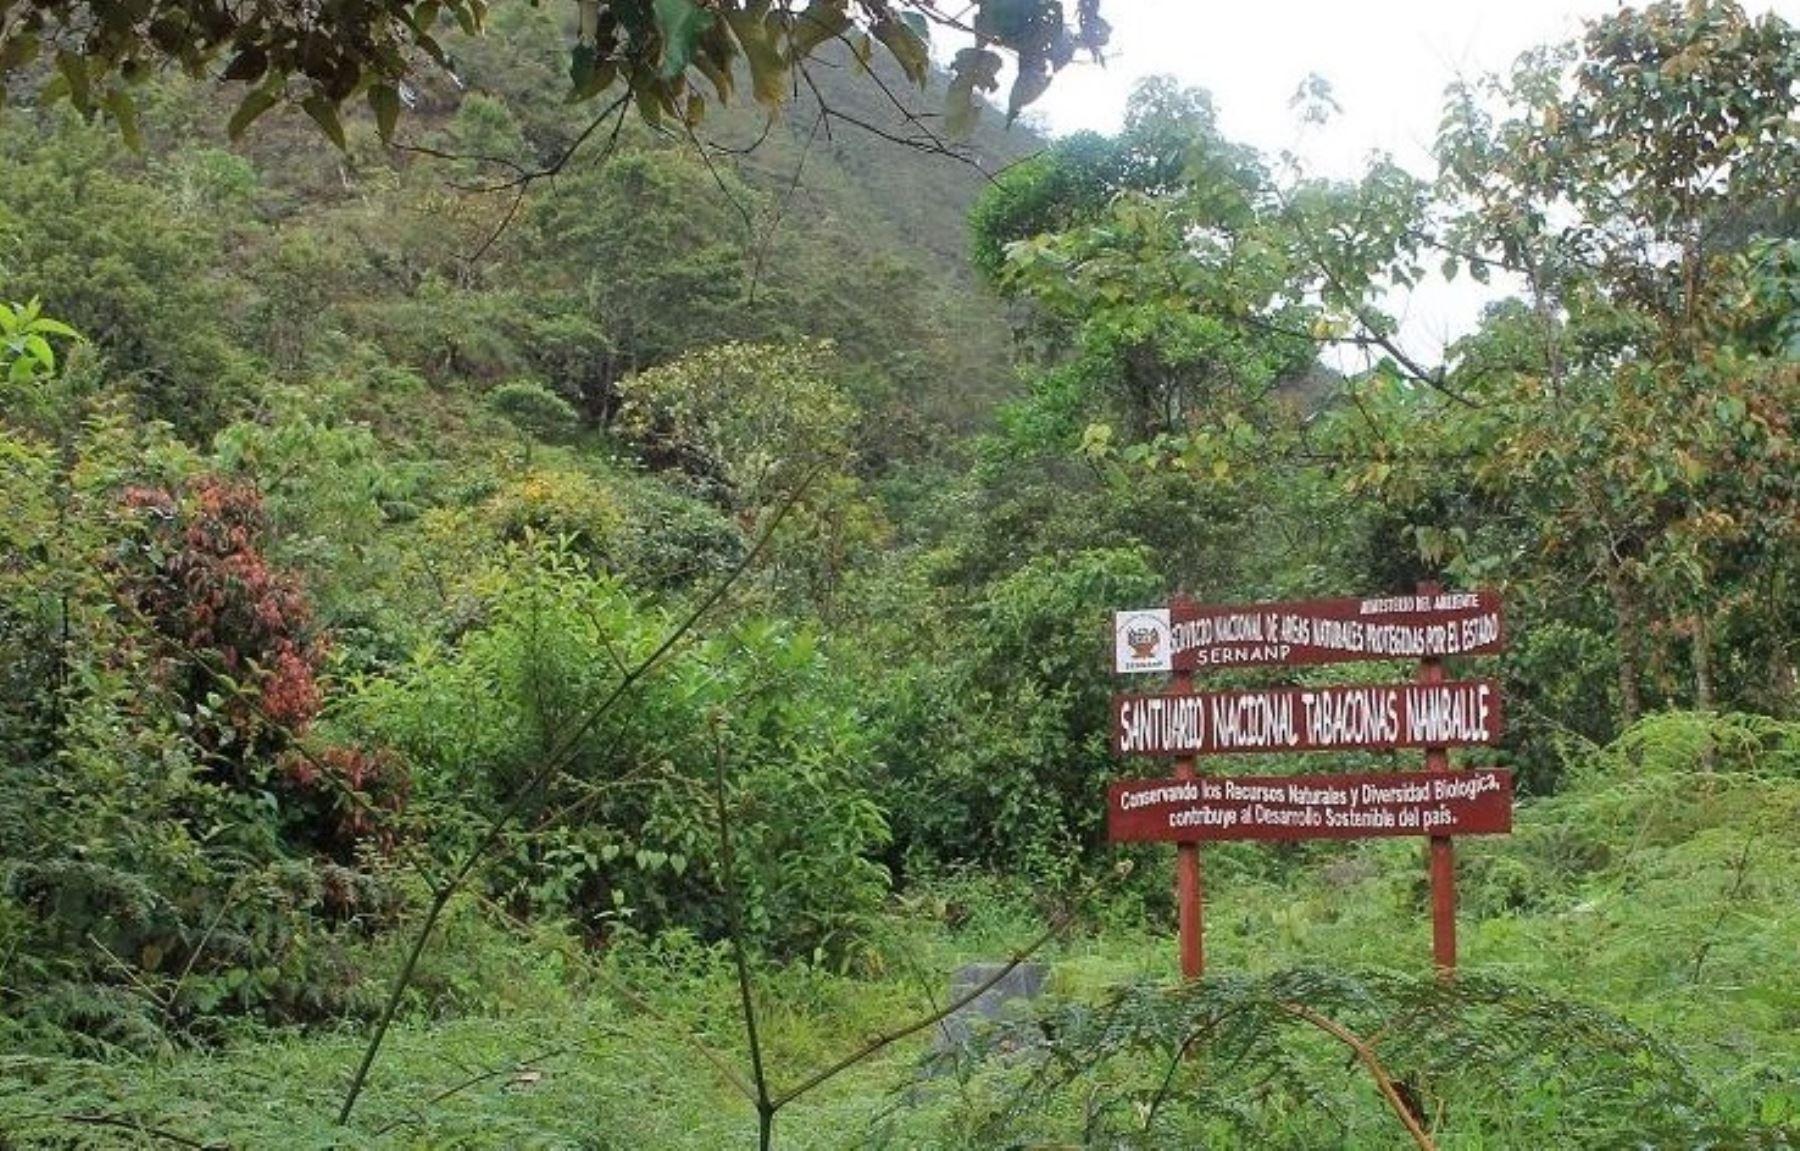 El Santuario Nacional Tabaconas Namballe está localizado en los distritos de Tabaconas y Namballe, en la provincia de San Ignacio, departamento de Cajamarca. Su extensión es de 32,124.87 hectáreas y conserva un ecosistema único y poco frecuente en el Perú: el páramo.